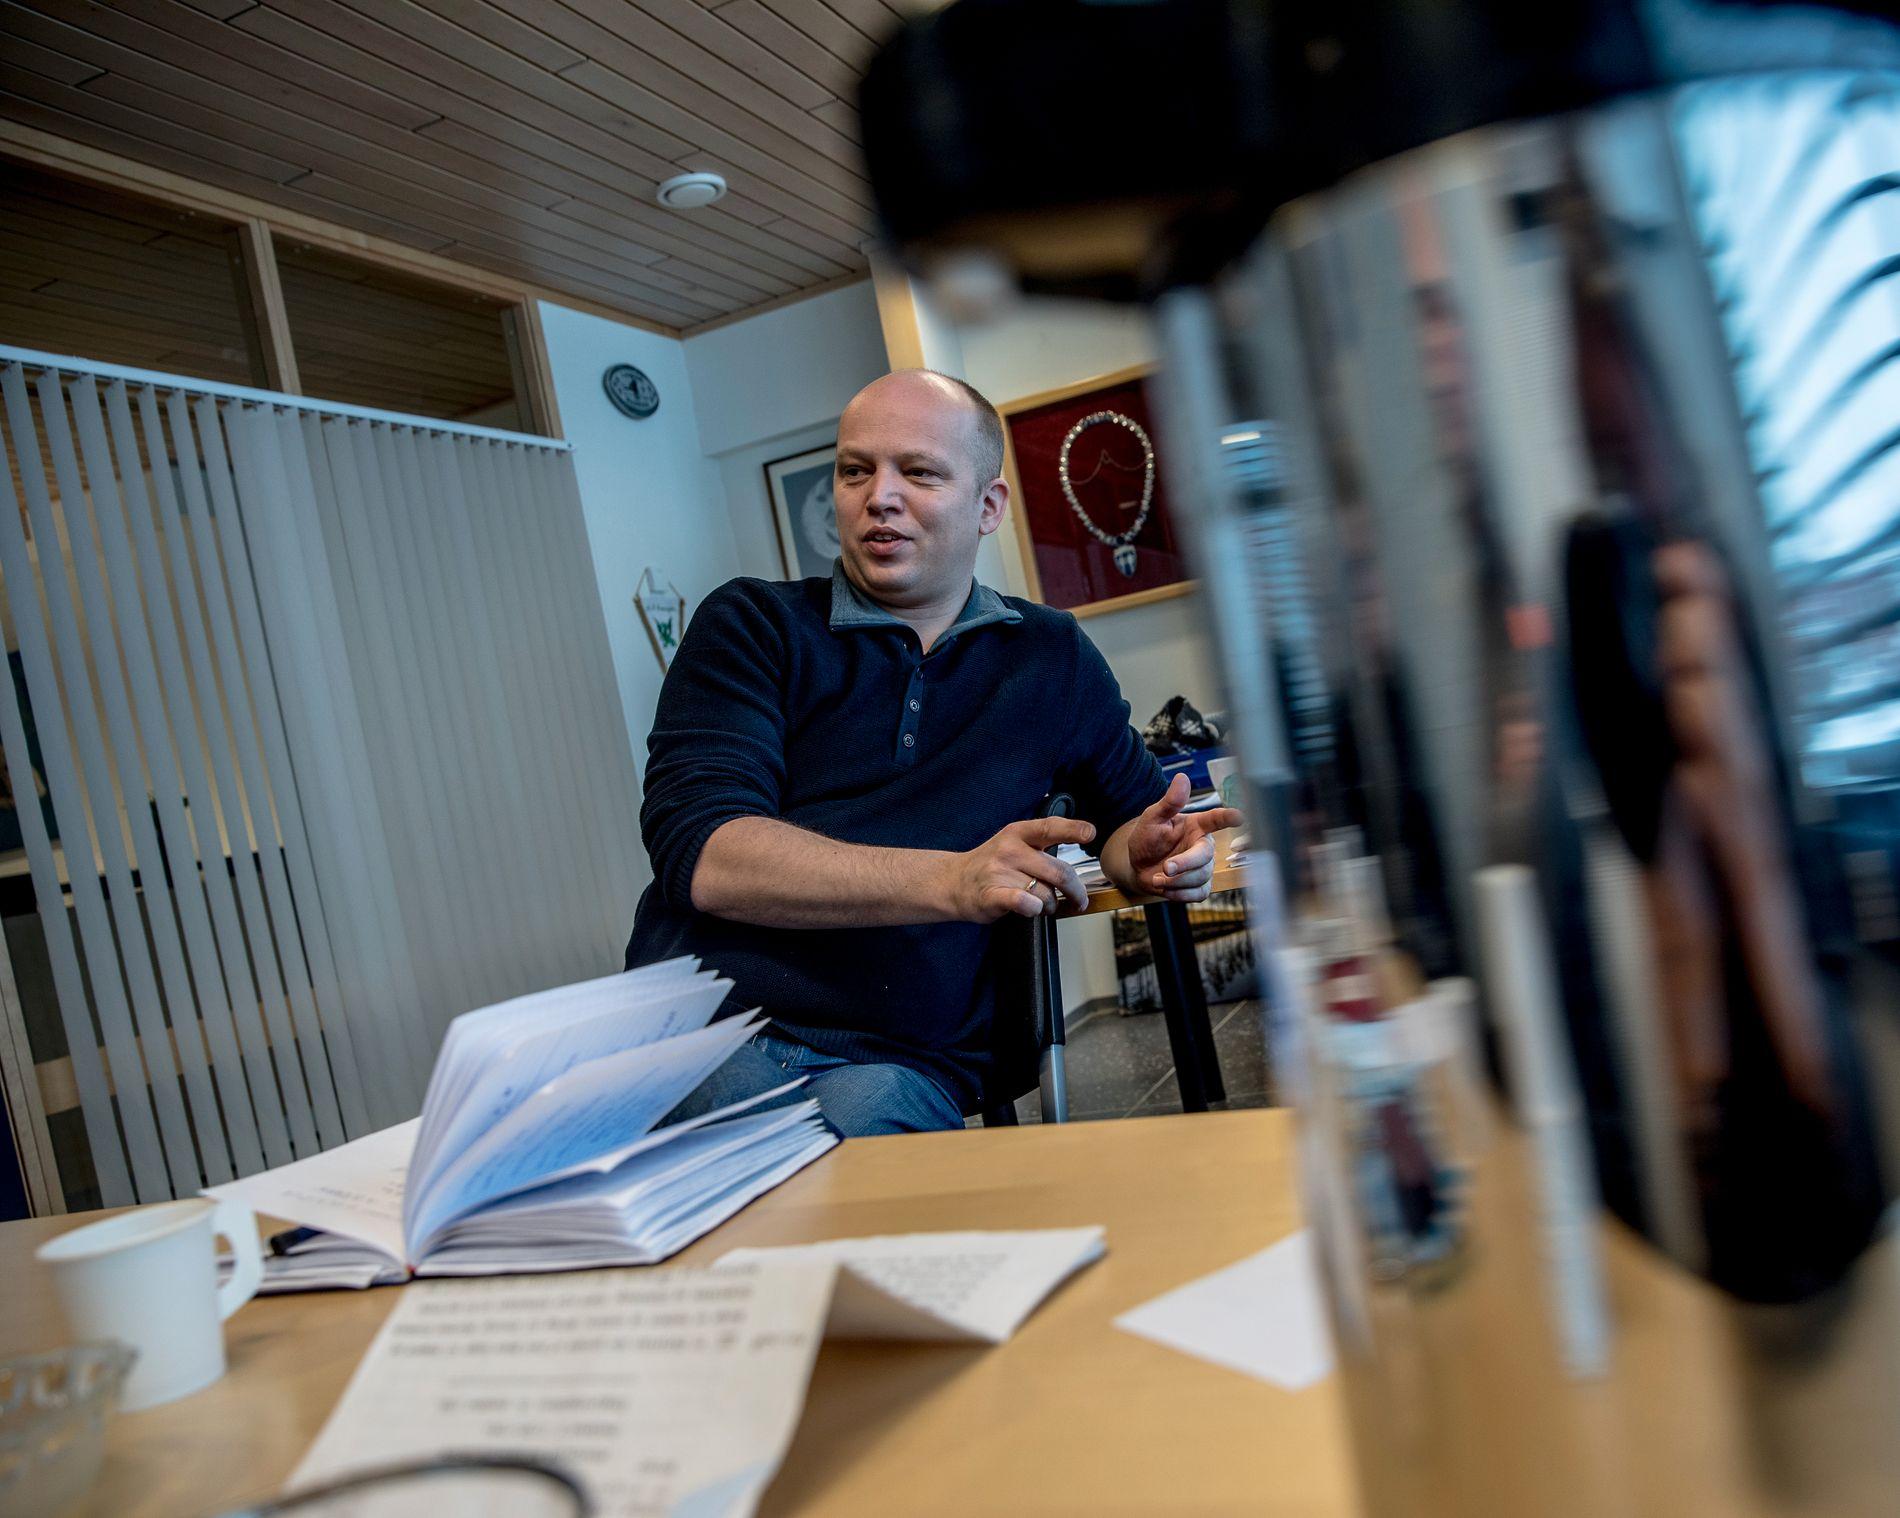 ENIG MED CARL: Trygve Slagsvold Vedum (Sp) møtte Carl I. Hagen på gata i Oslo nylig. Der og da kom det frem at de begge ville gjeninnføre pensjonistenes lønnsslipp av respekt for eldre som ikke er på nettet og bruker digipost.